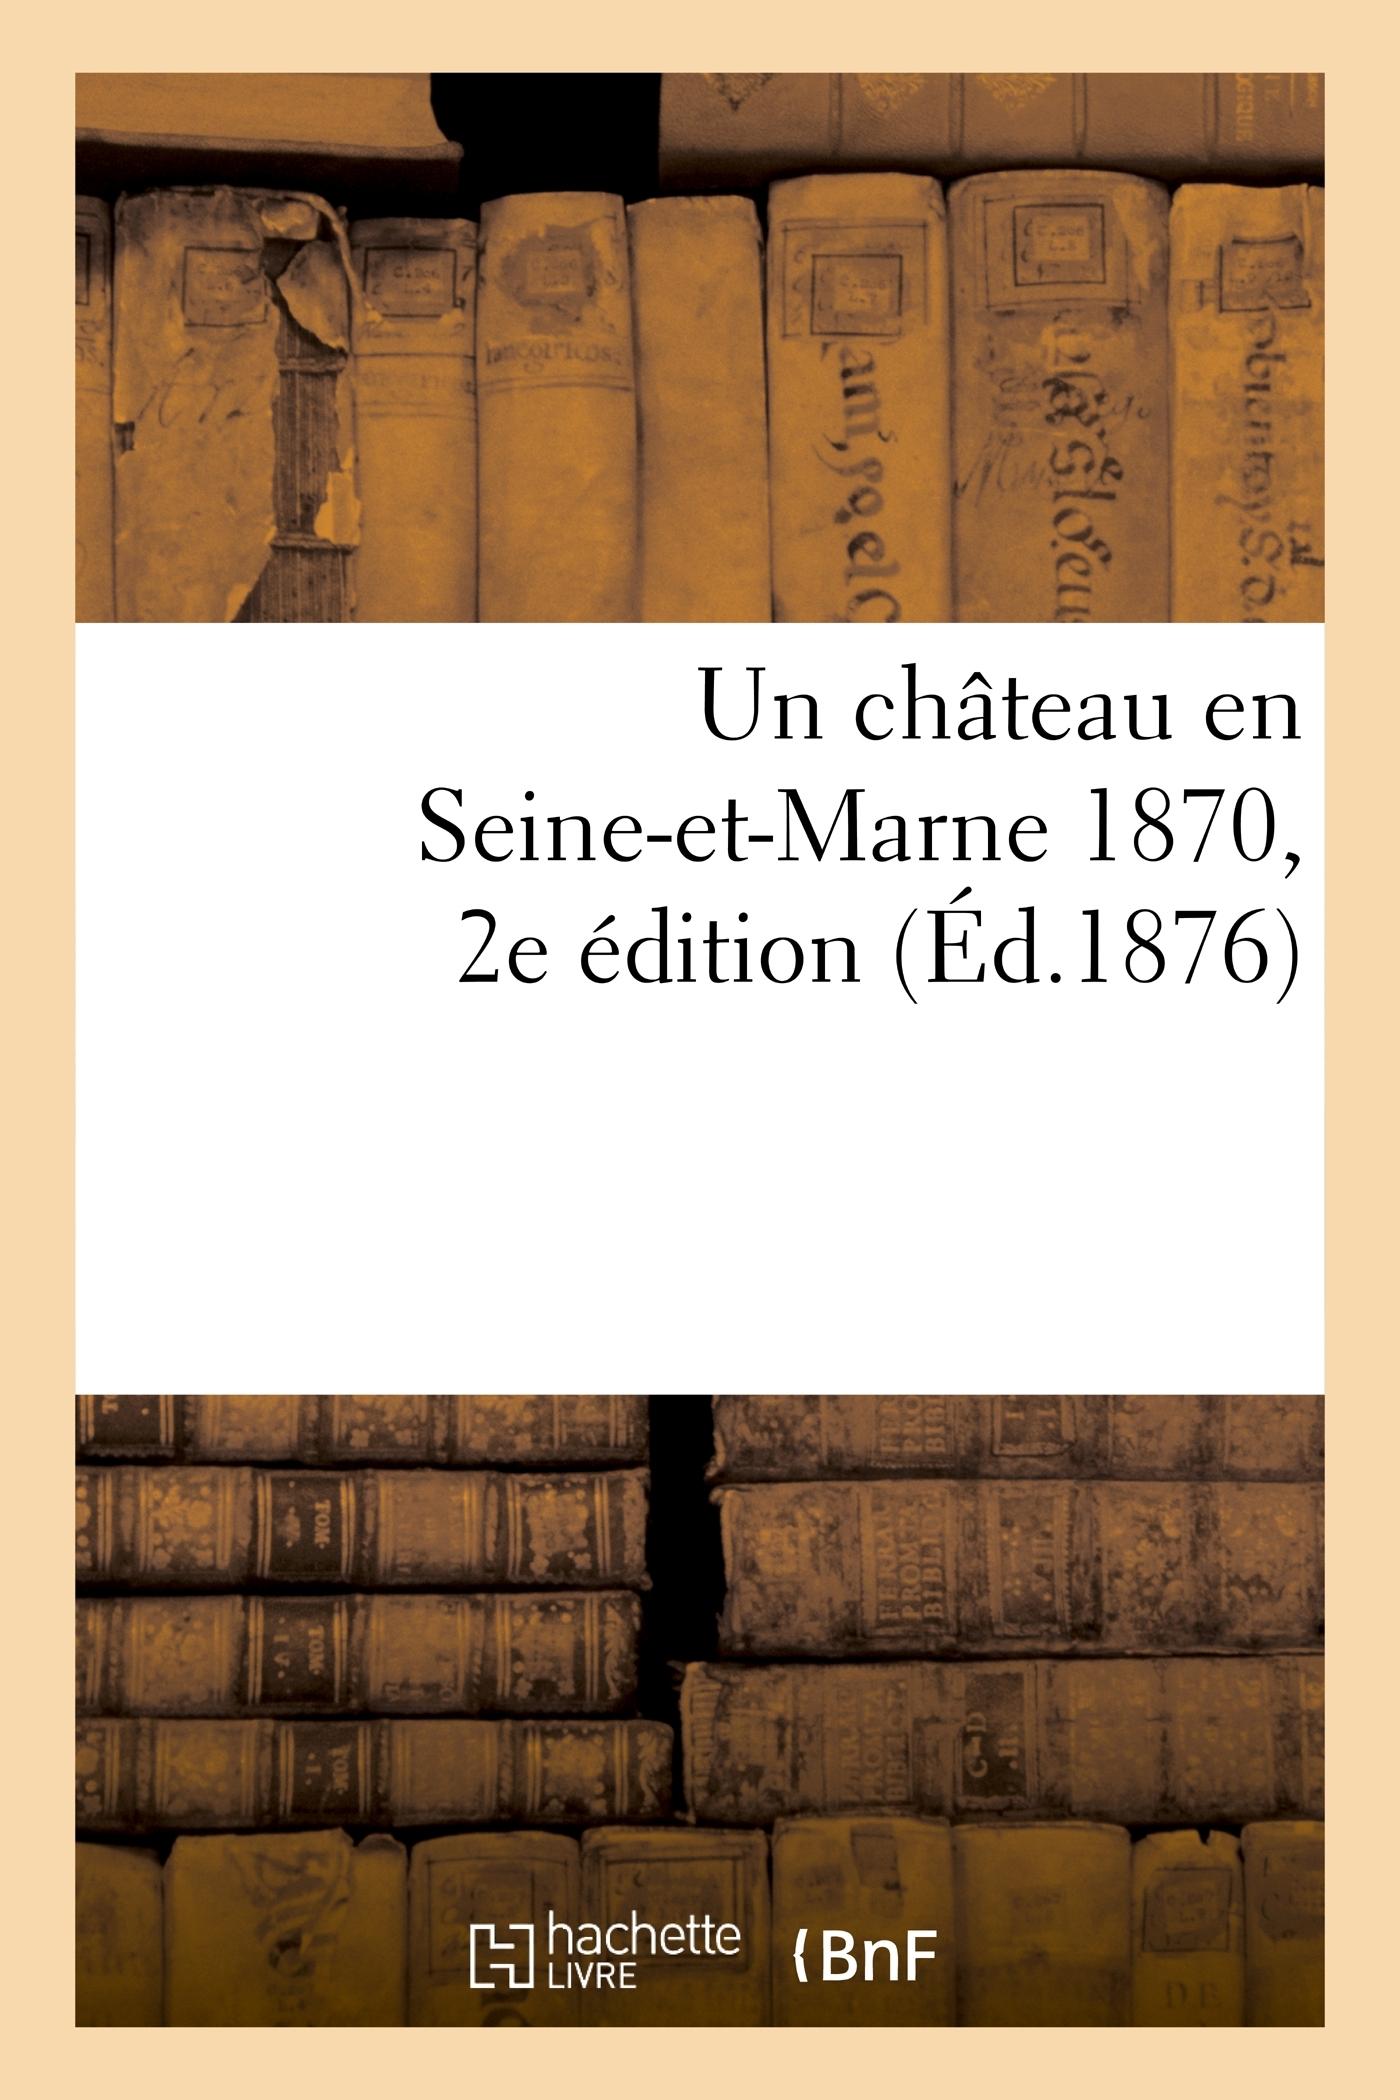 UN CHATEAU EN SEINE-ET-MARNE 1870. 2E EDITION